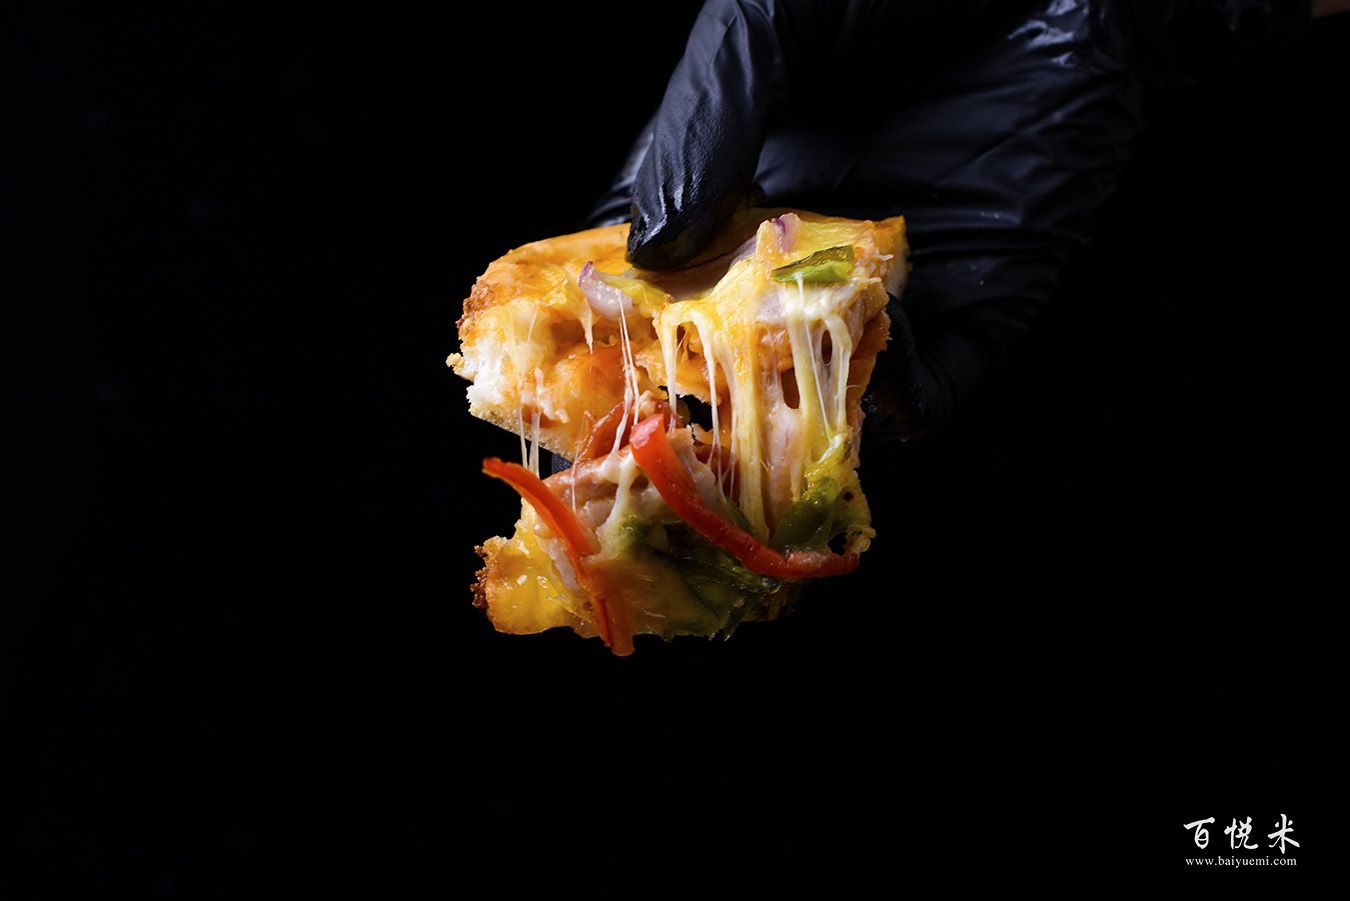 脆肠披萨高清图片大全【蛋糕图片】_1186